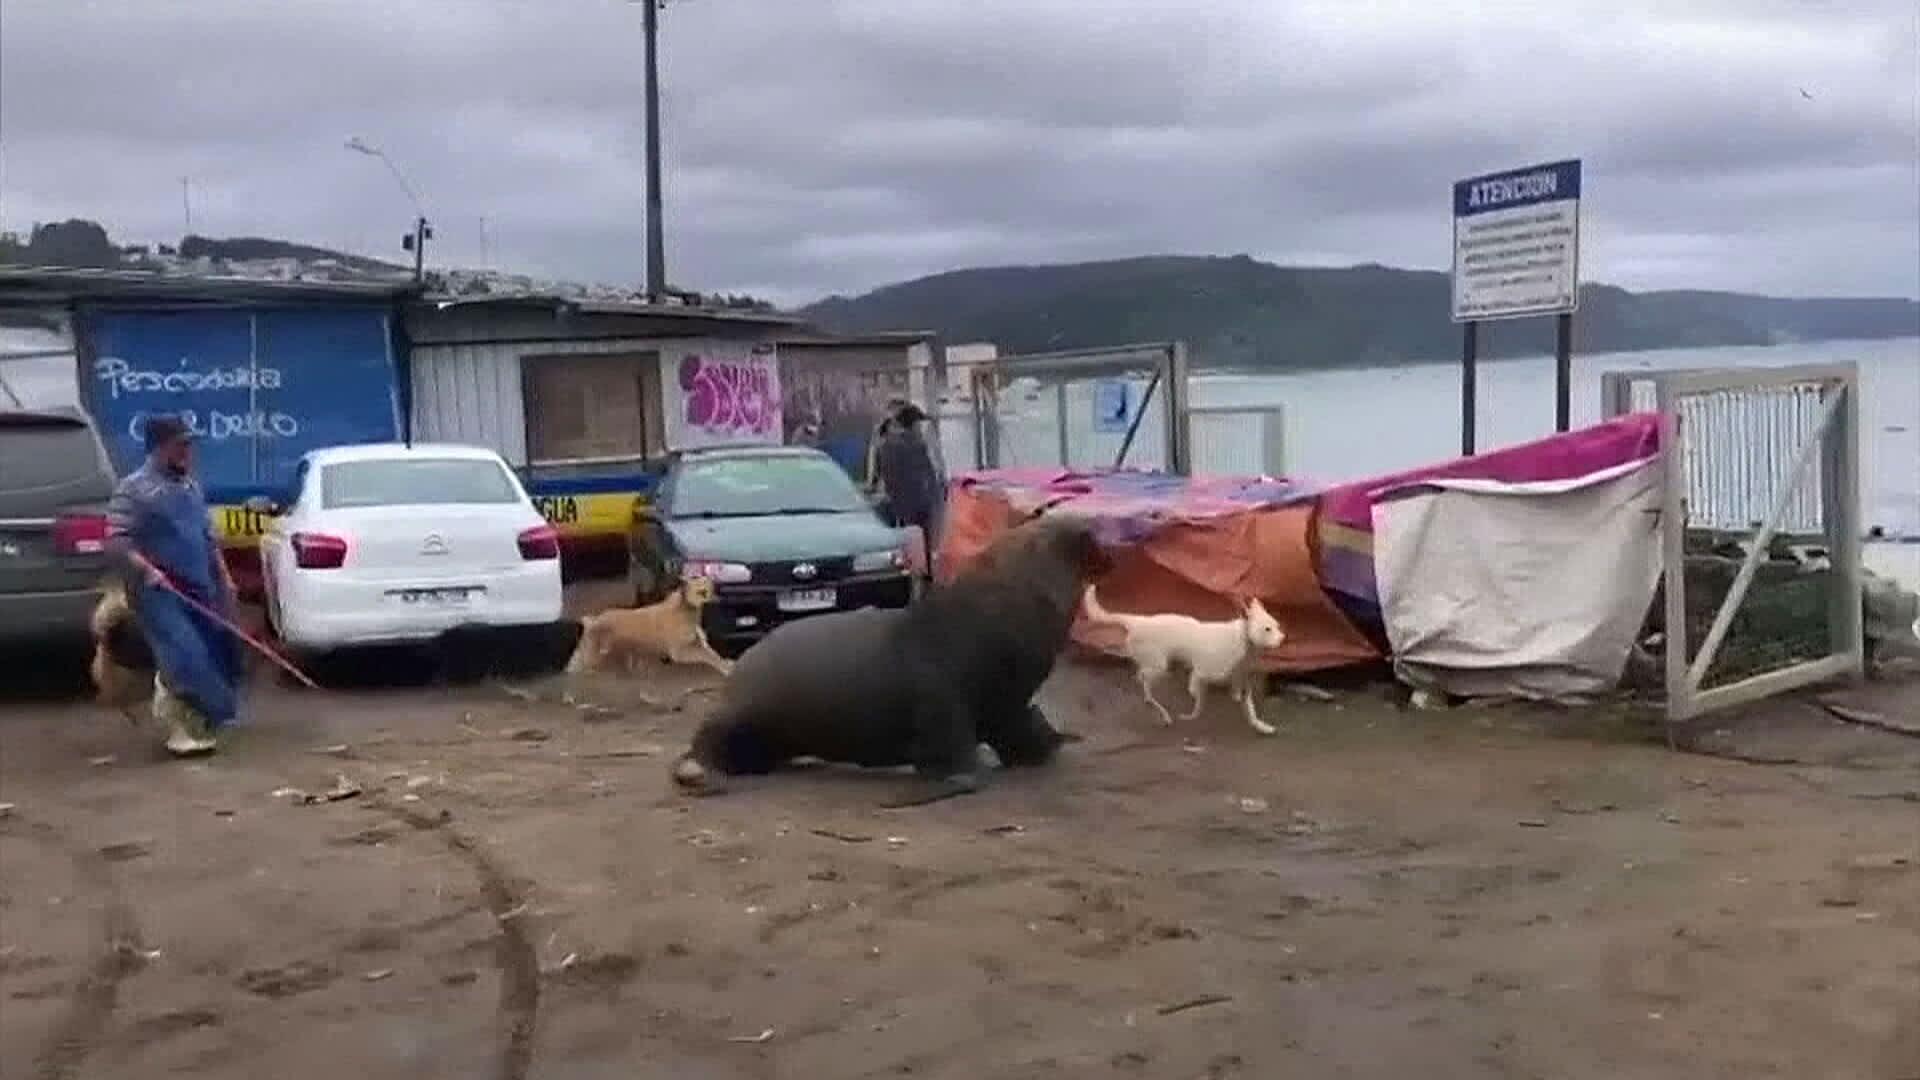 Sadat merileijonat valtasivat kaupungin rannat Chilessä